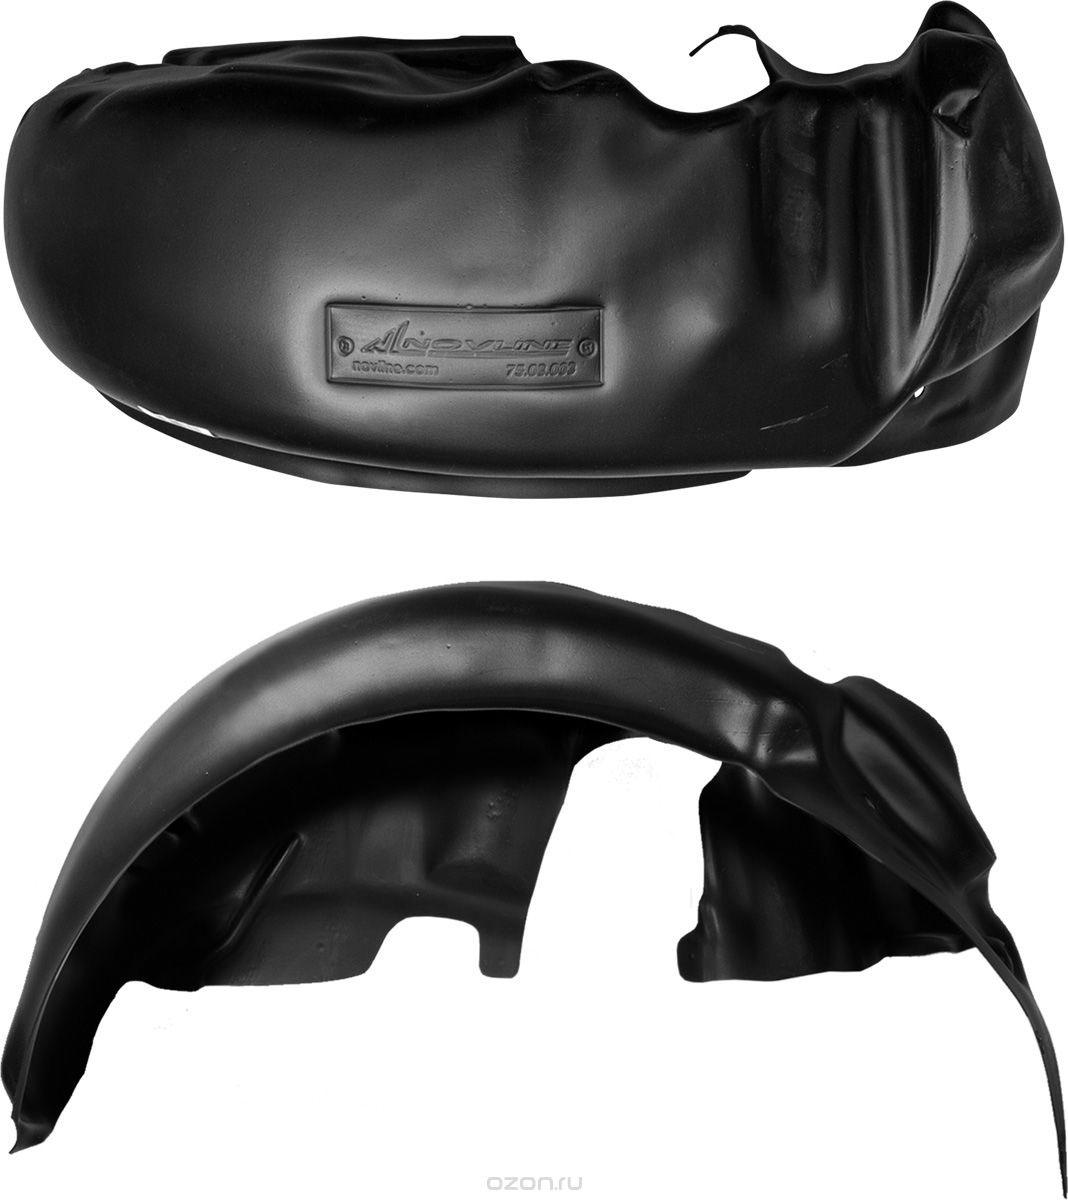 Подкрылок Novline-Autofamily, для ВАЗ 2108-099 1987-2004 б/б, задний левыйDAVC150Идеальная защита колесной ниши. Локеры разработаны с применением цифровых технологий, гарантируют максимальную повторяемость поверхности арки. Изделия устанавливаются без нарушения лакокрасочного покрытия автомобиля, каждый подкрылок комплектуется крепежом. Уважаемые клиенты, обращаем ваше внимание, что фотографии на подкрылки универсальные и не отражают реальную форму изделия. При этом само изделие идет точно под размер указанного автомобиля.